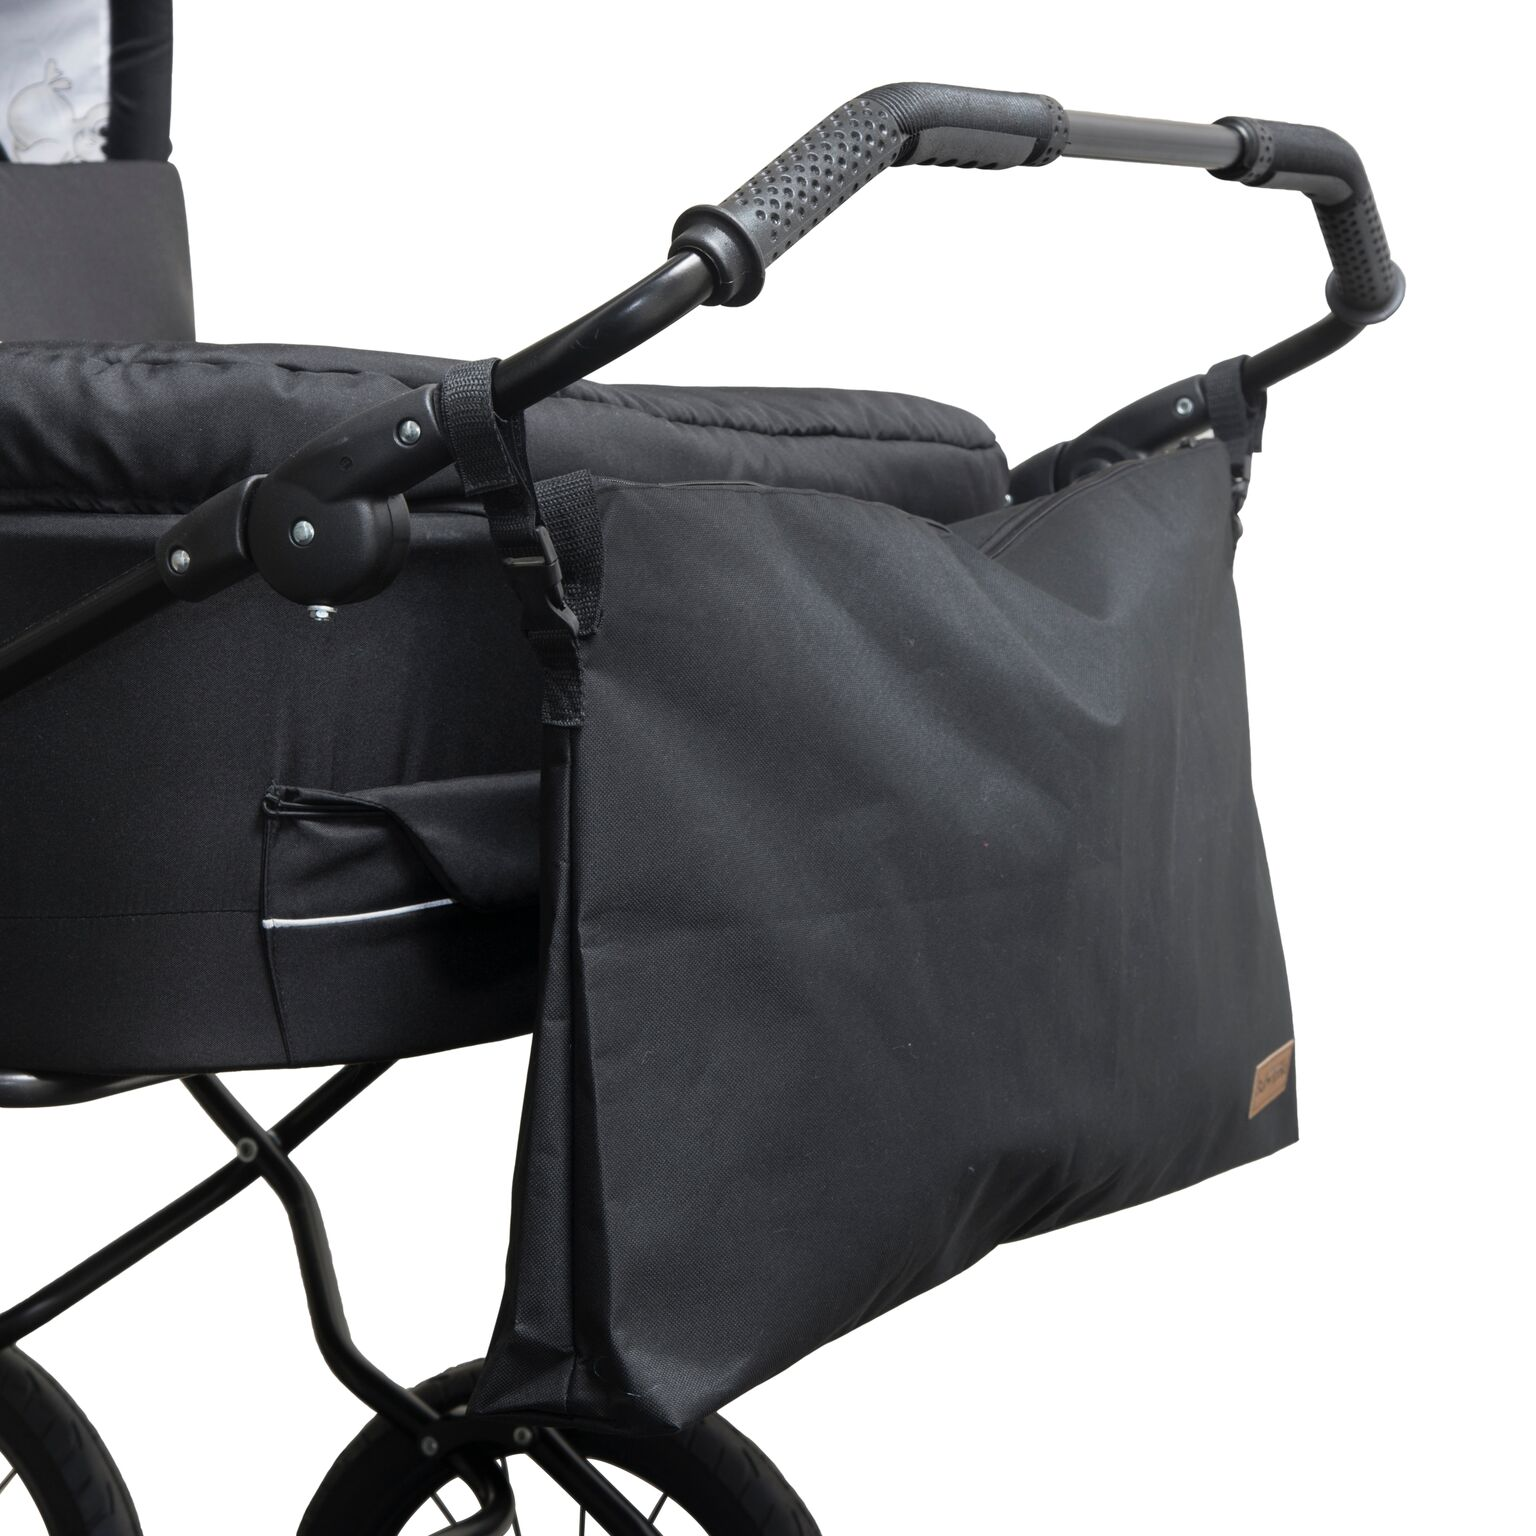 babytrold tasche f r buggy oder kinderwagen twin schwarz taschen f r kinderwagen. Black Bedroom Furniture Sets. Home Design Ideas